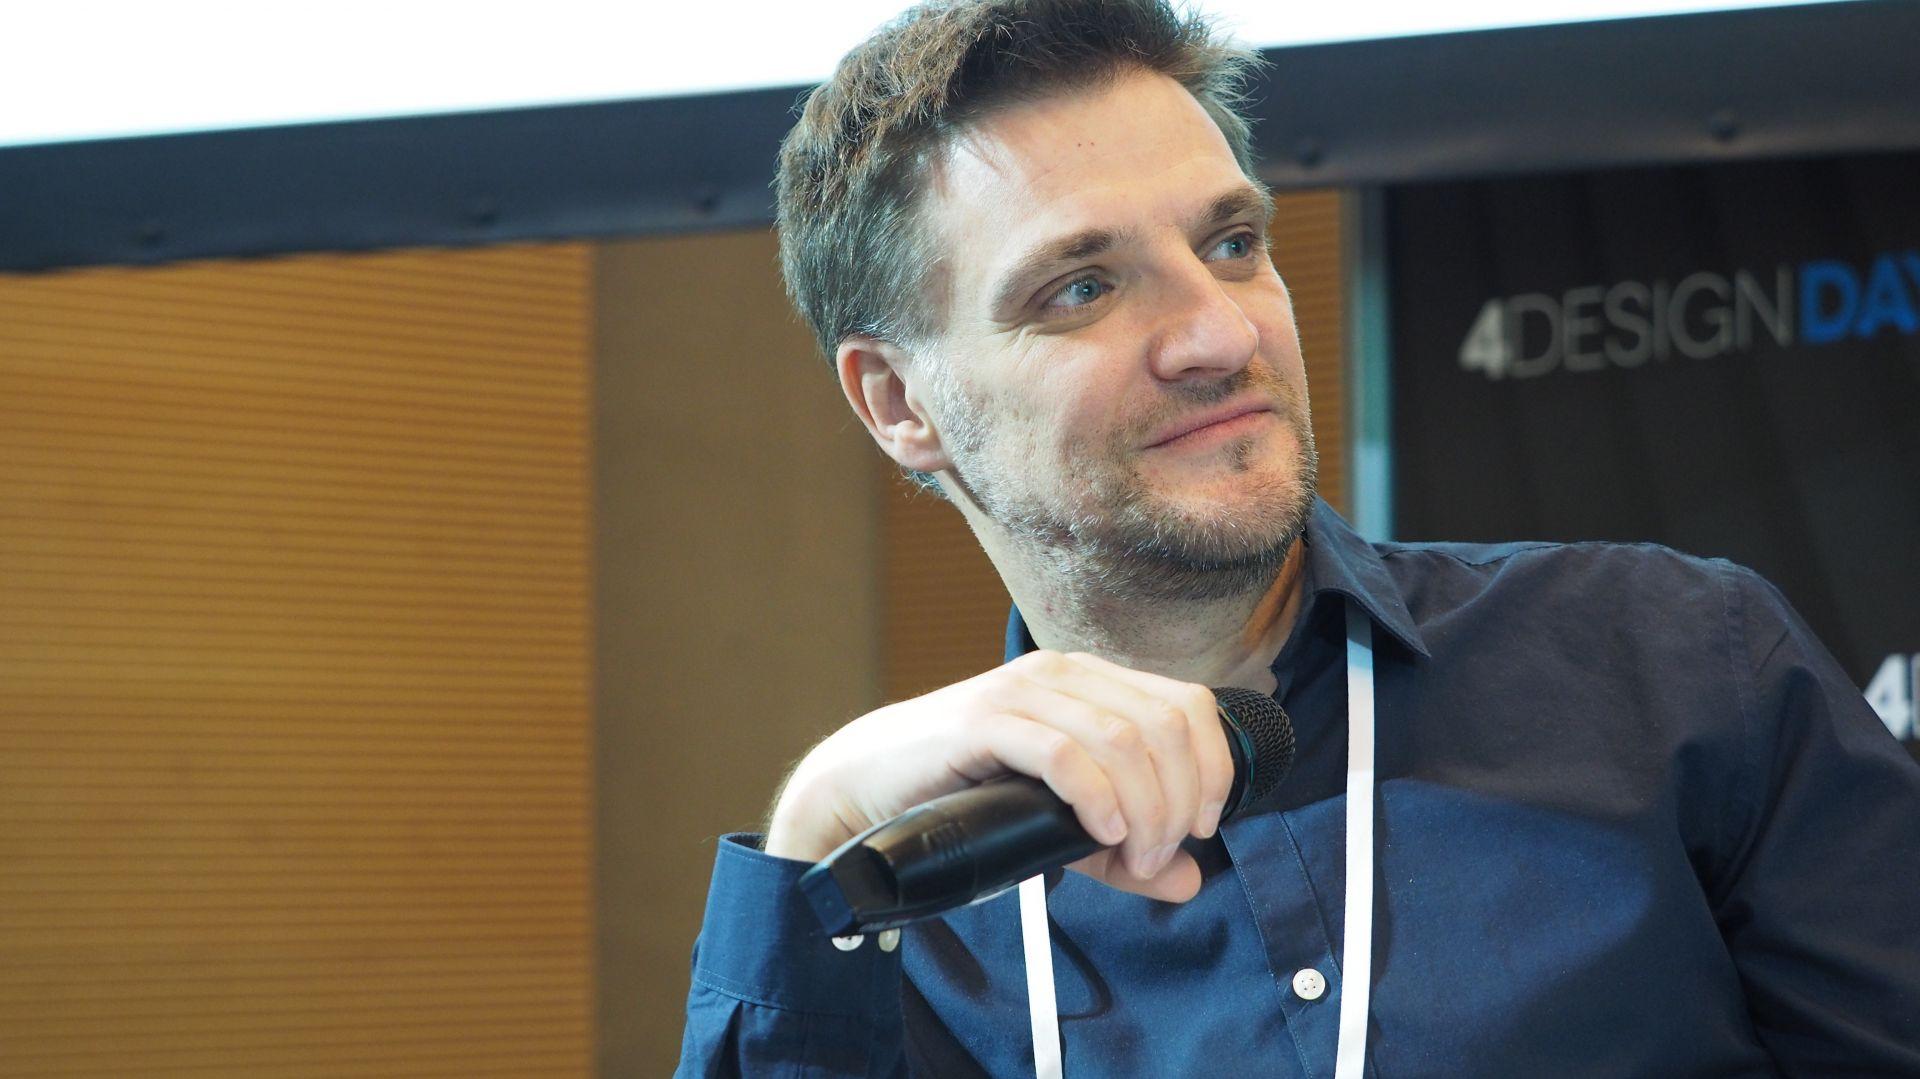 Miłosz Kowalski, architekt, projektant oświetlenia, właściciel Studia Projektowego NO-BOX STUDIO / 2 LAMPKI DESIGN